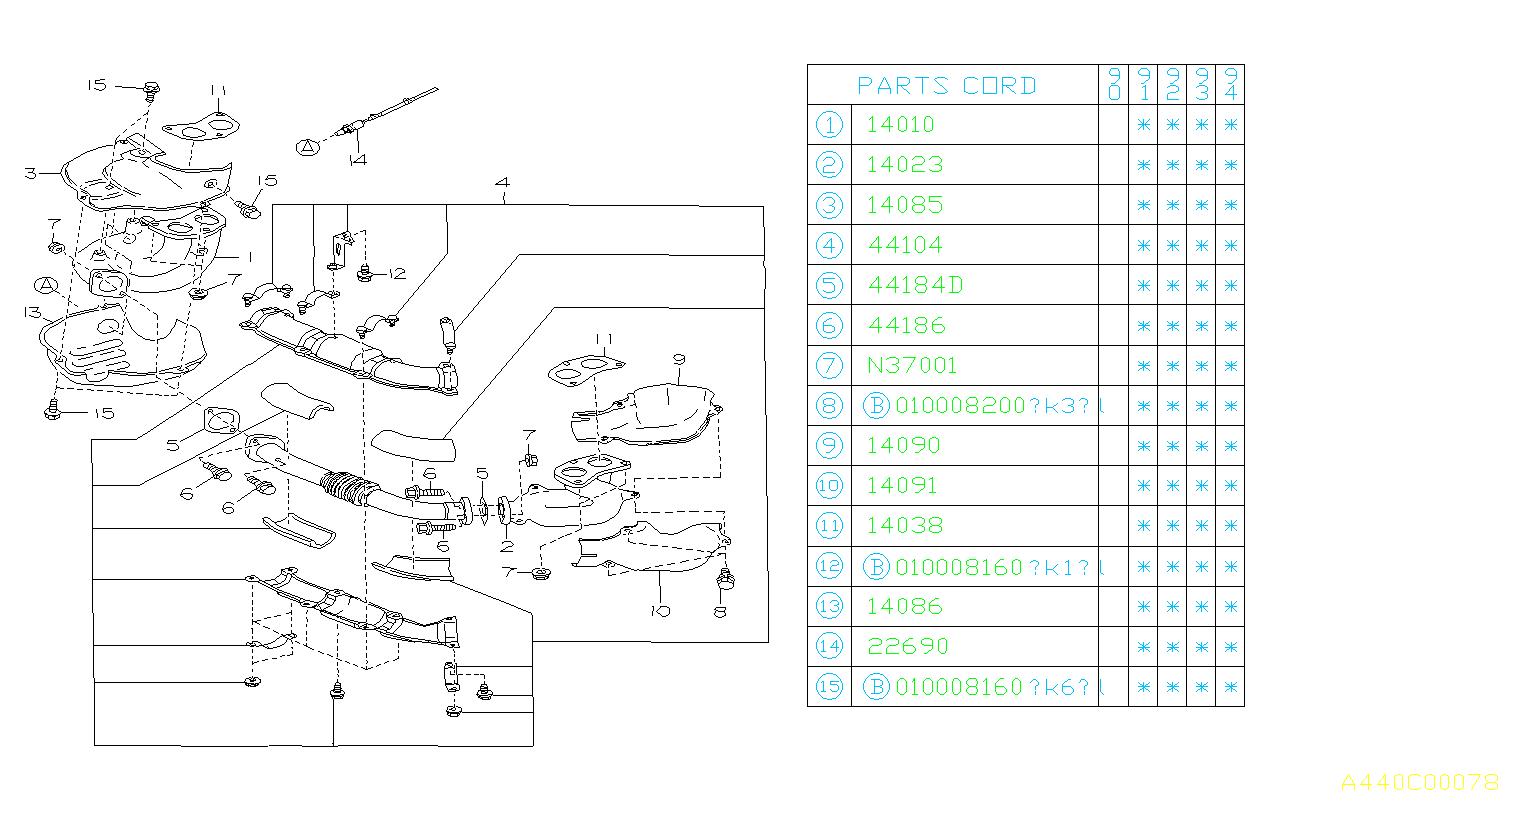 44022AA160 - Catalytic Converter Gasket - Genuine Subaru Part